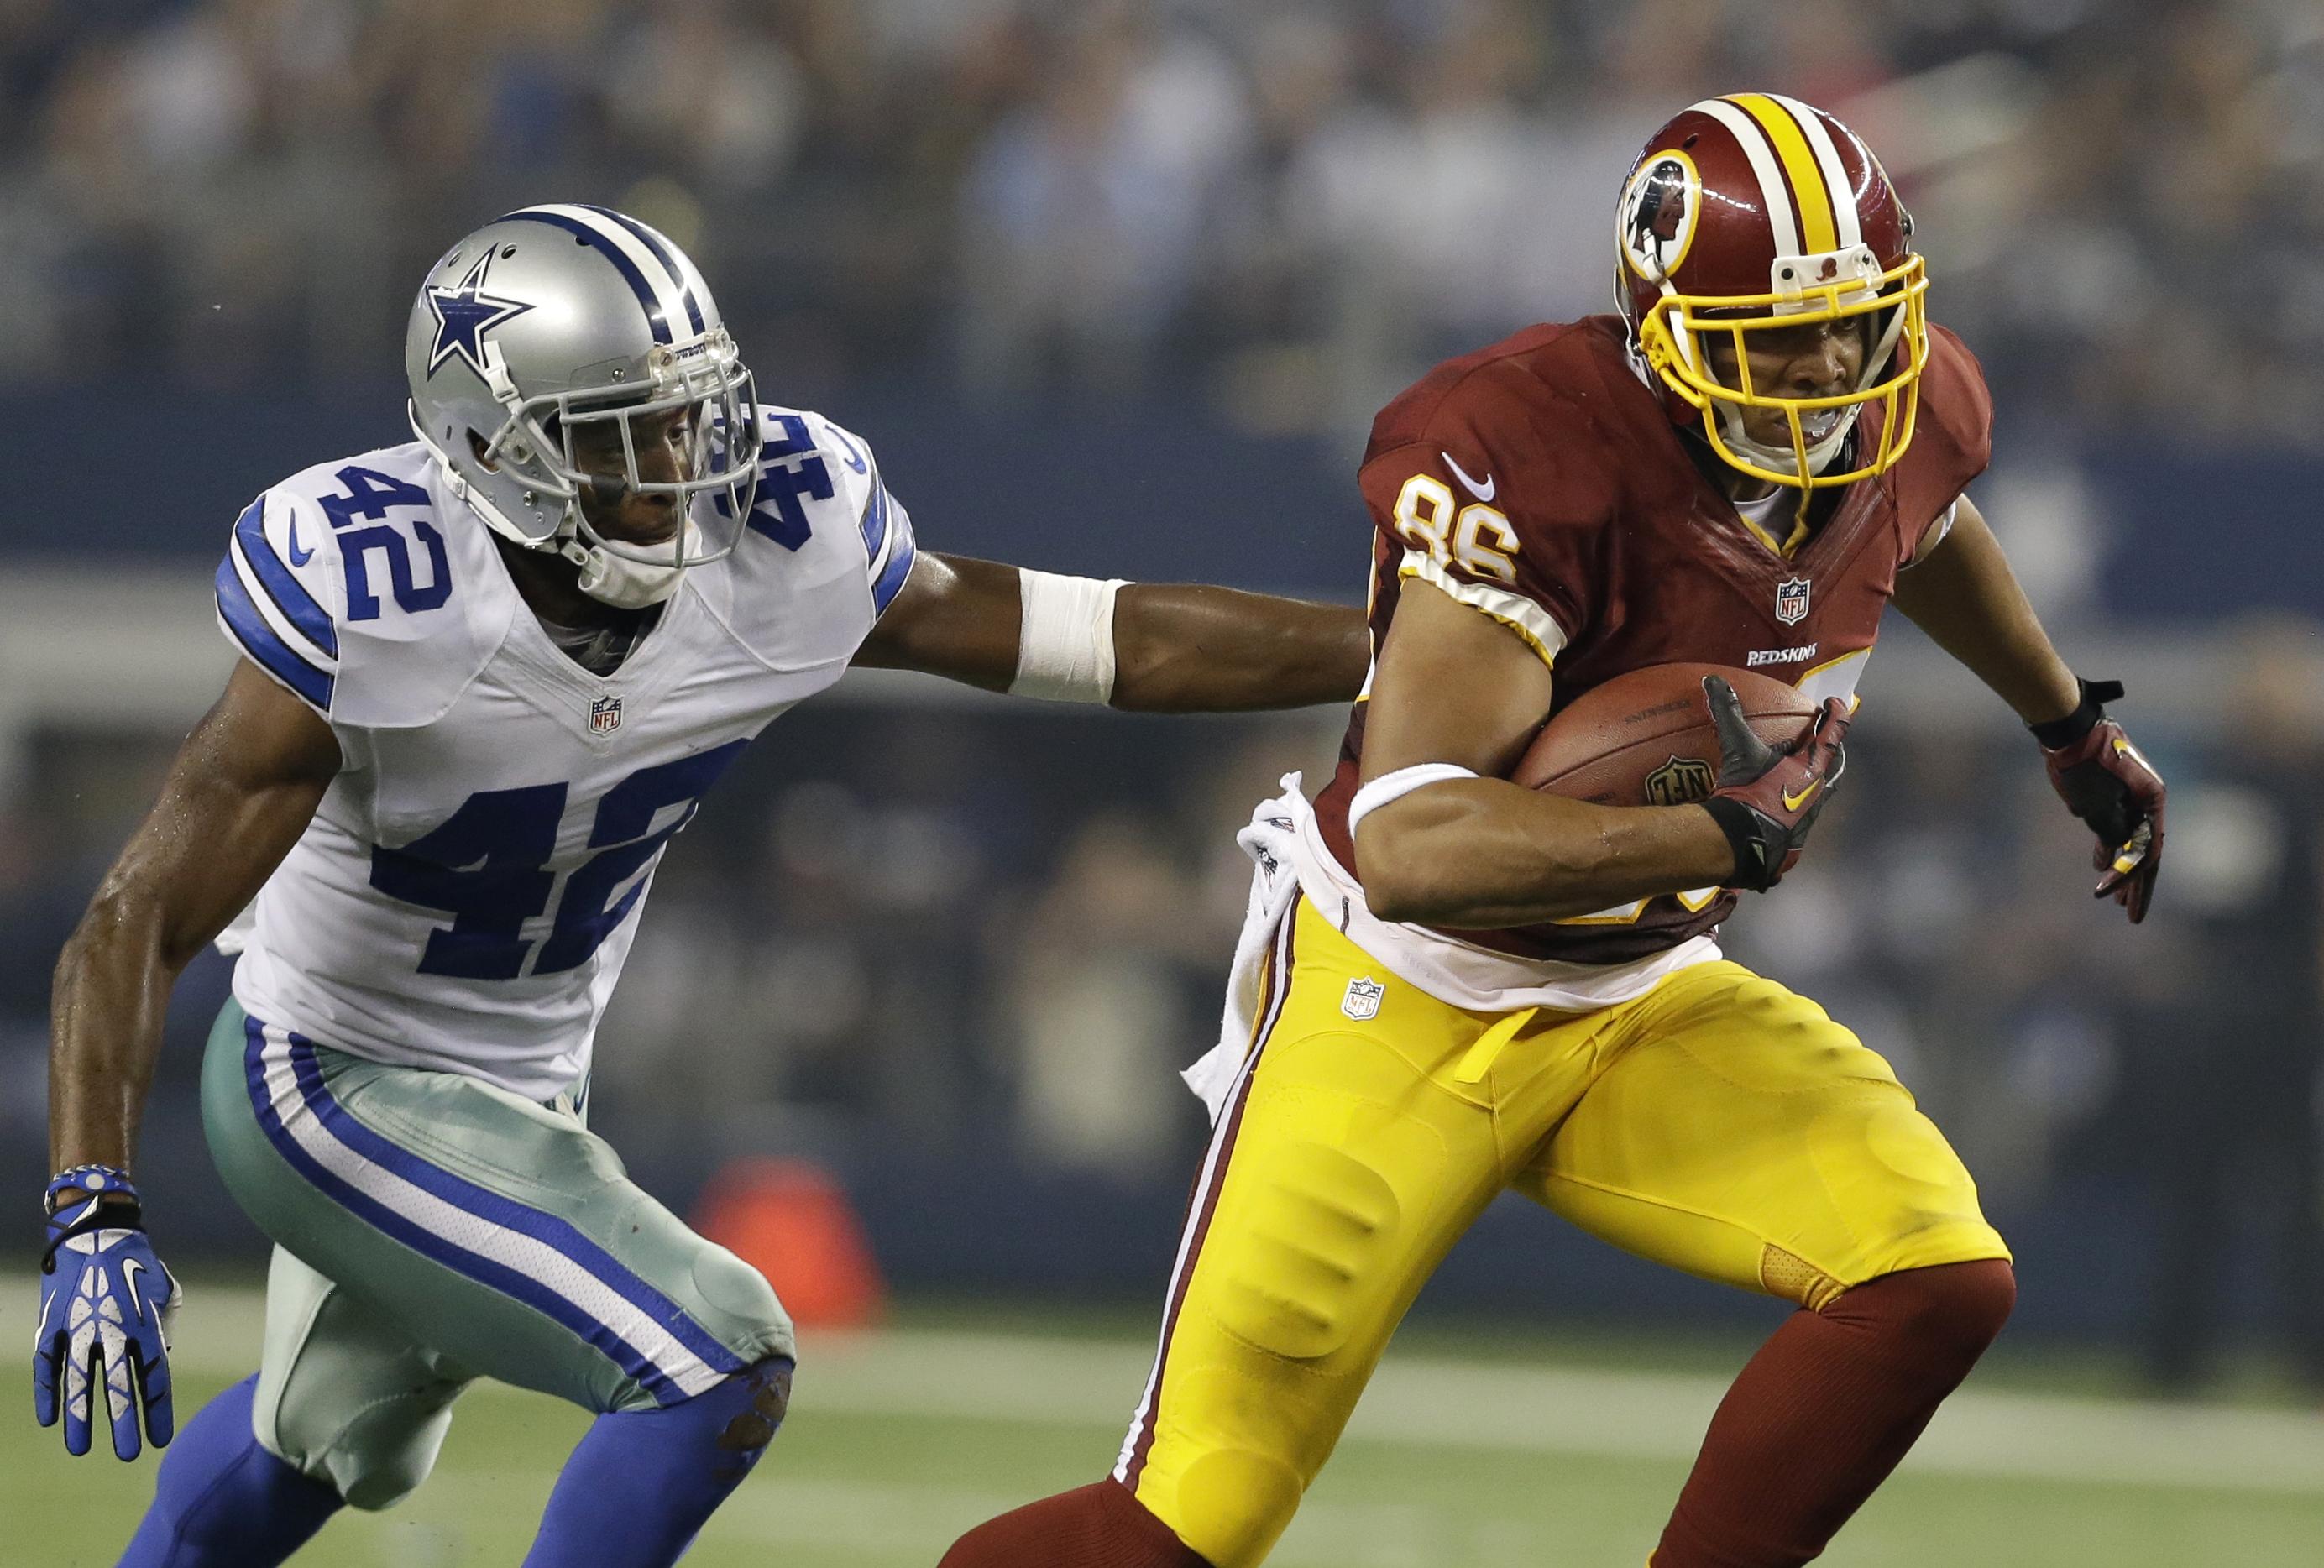 Jordan Reed emerging as prime tar in Redskins offense